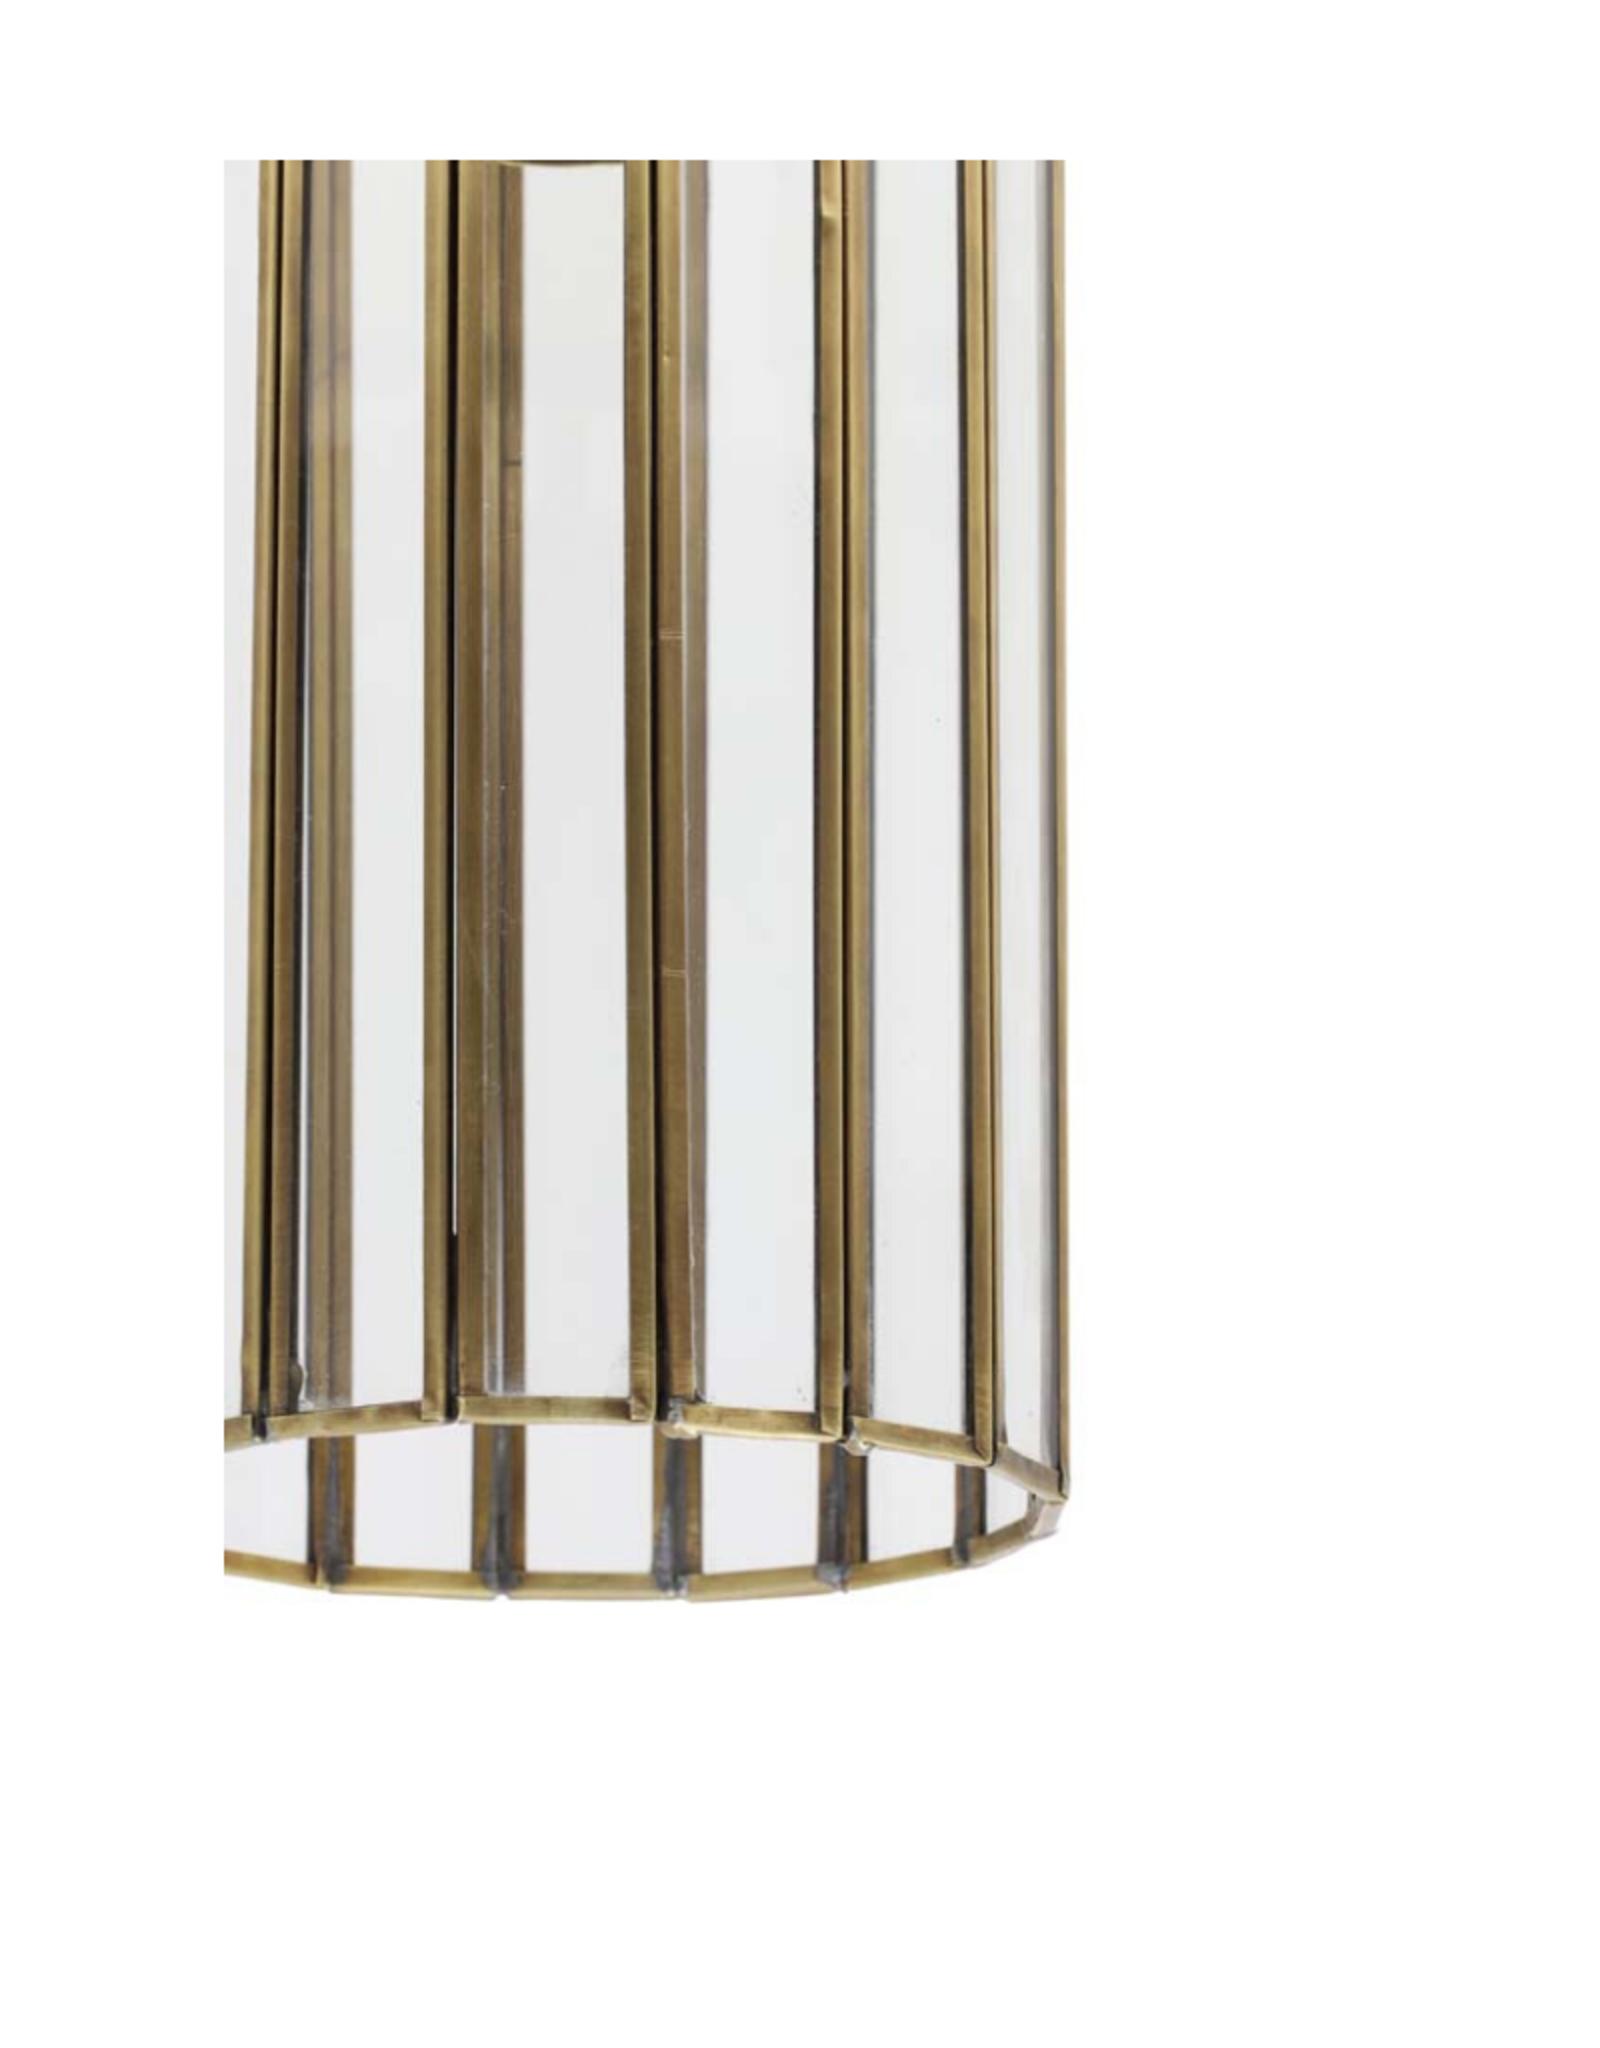 Hanglamp Brons & Glas